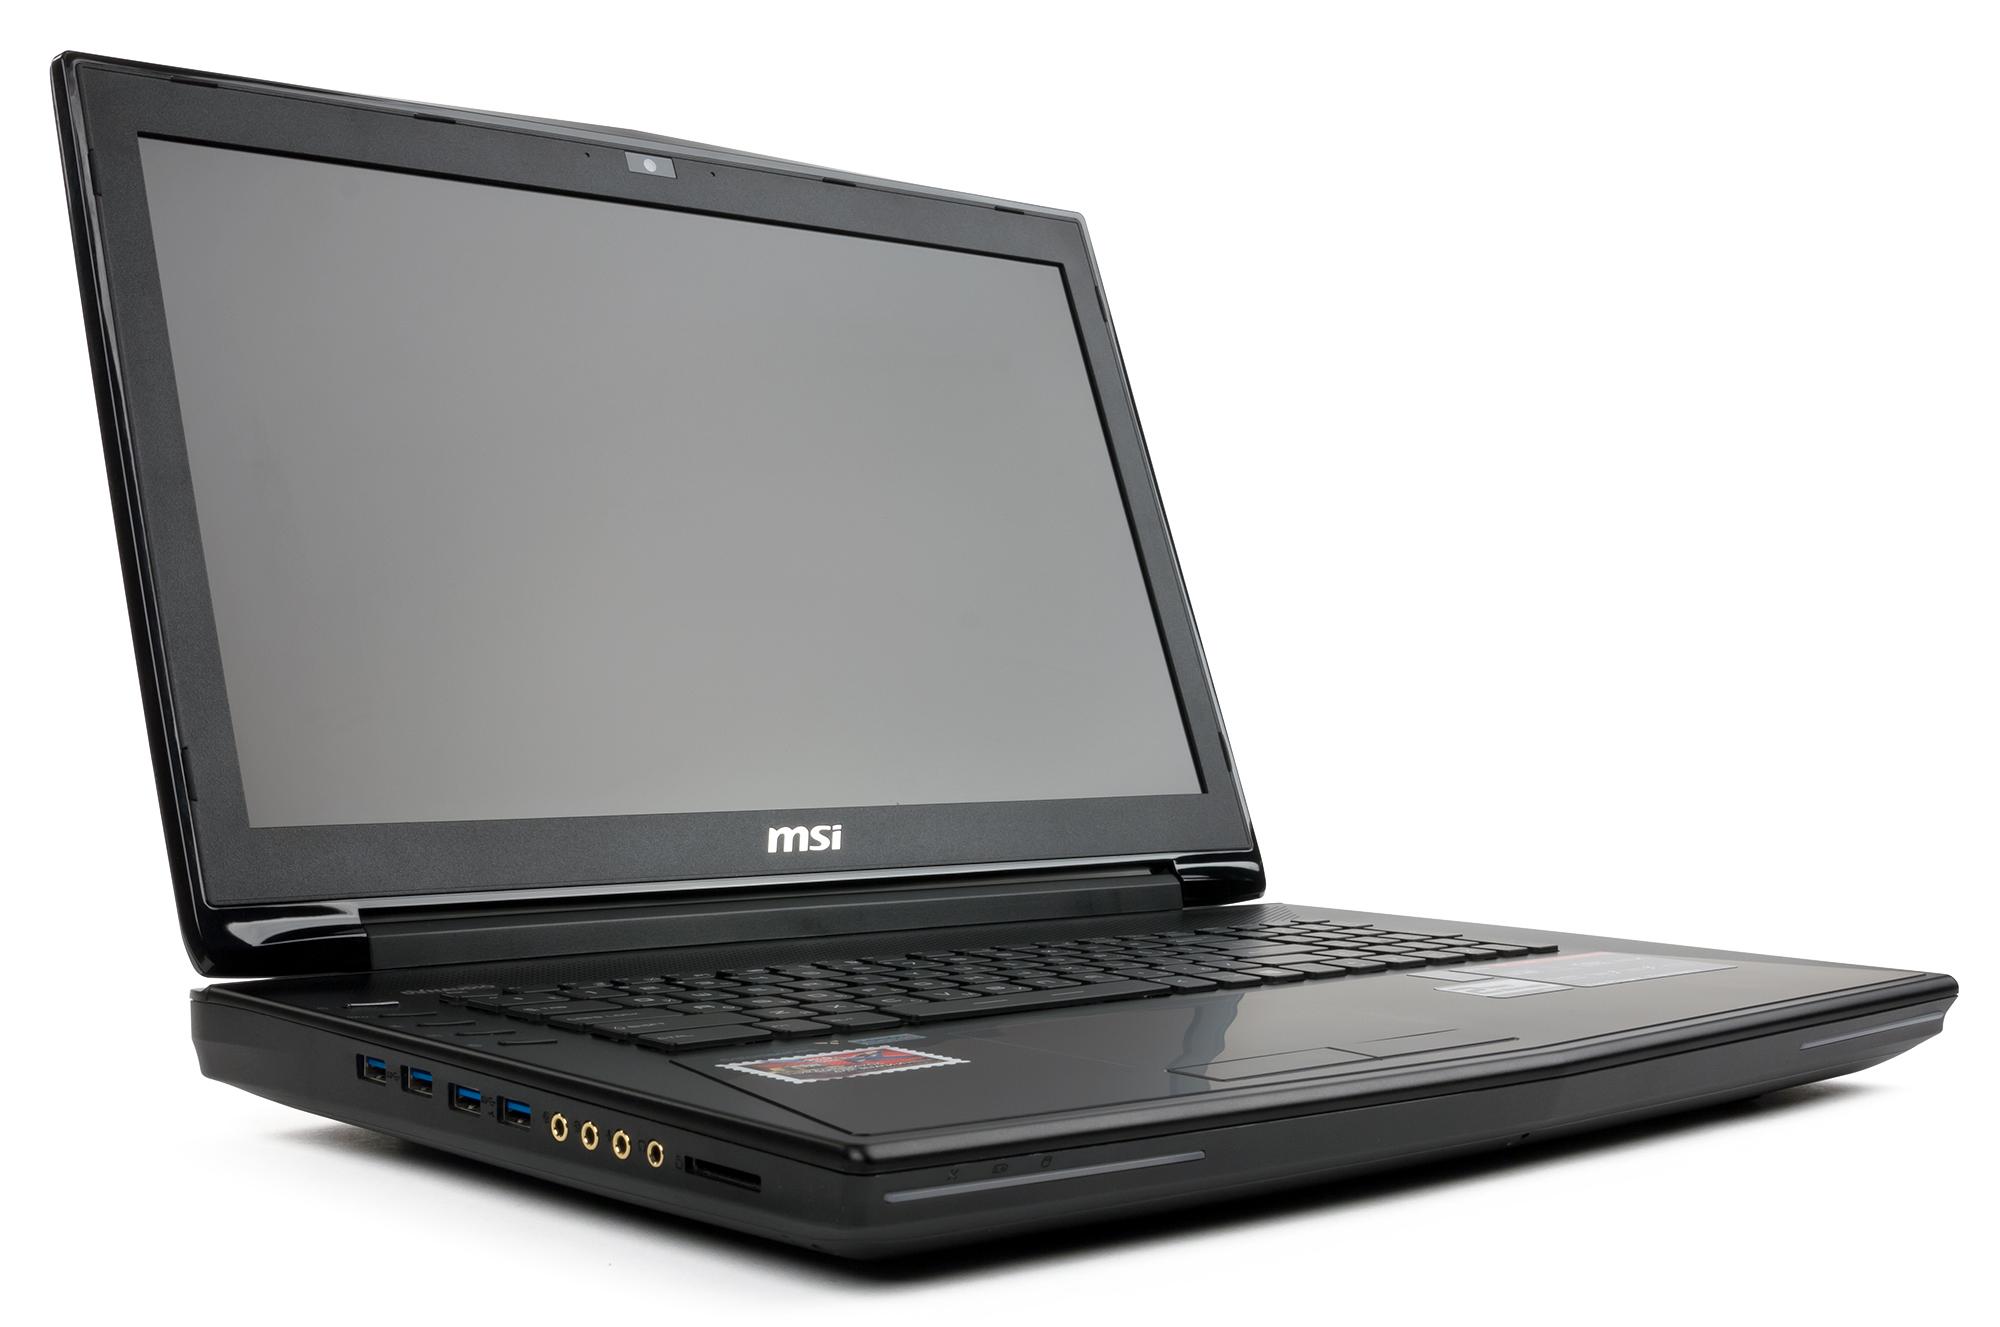 на веб камеру для msi l1350d